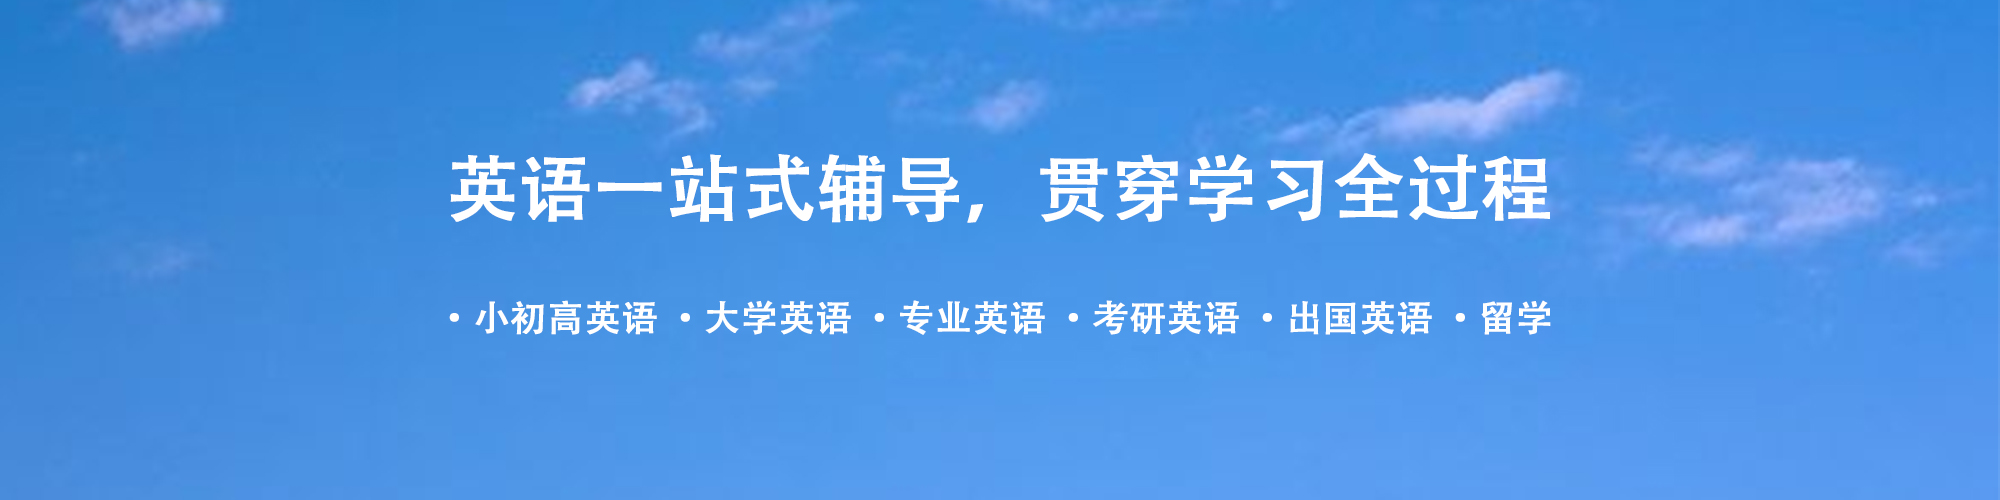 我们推荐北京托福英语口语培训_托福英语培训课程相关-北京拓程教育咨询有限公司